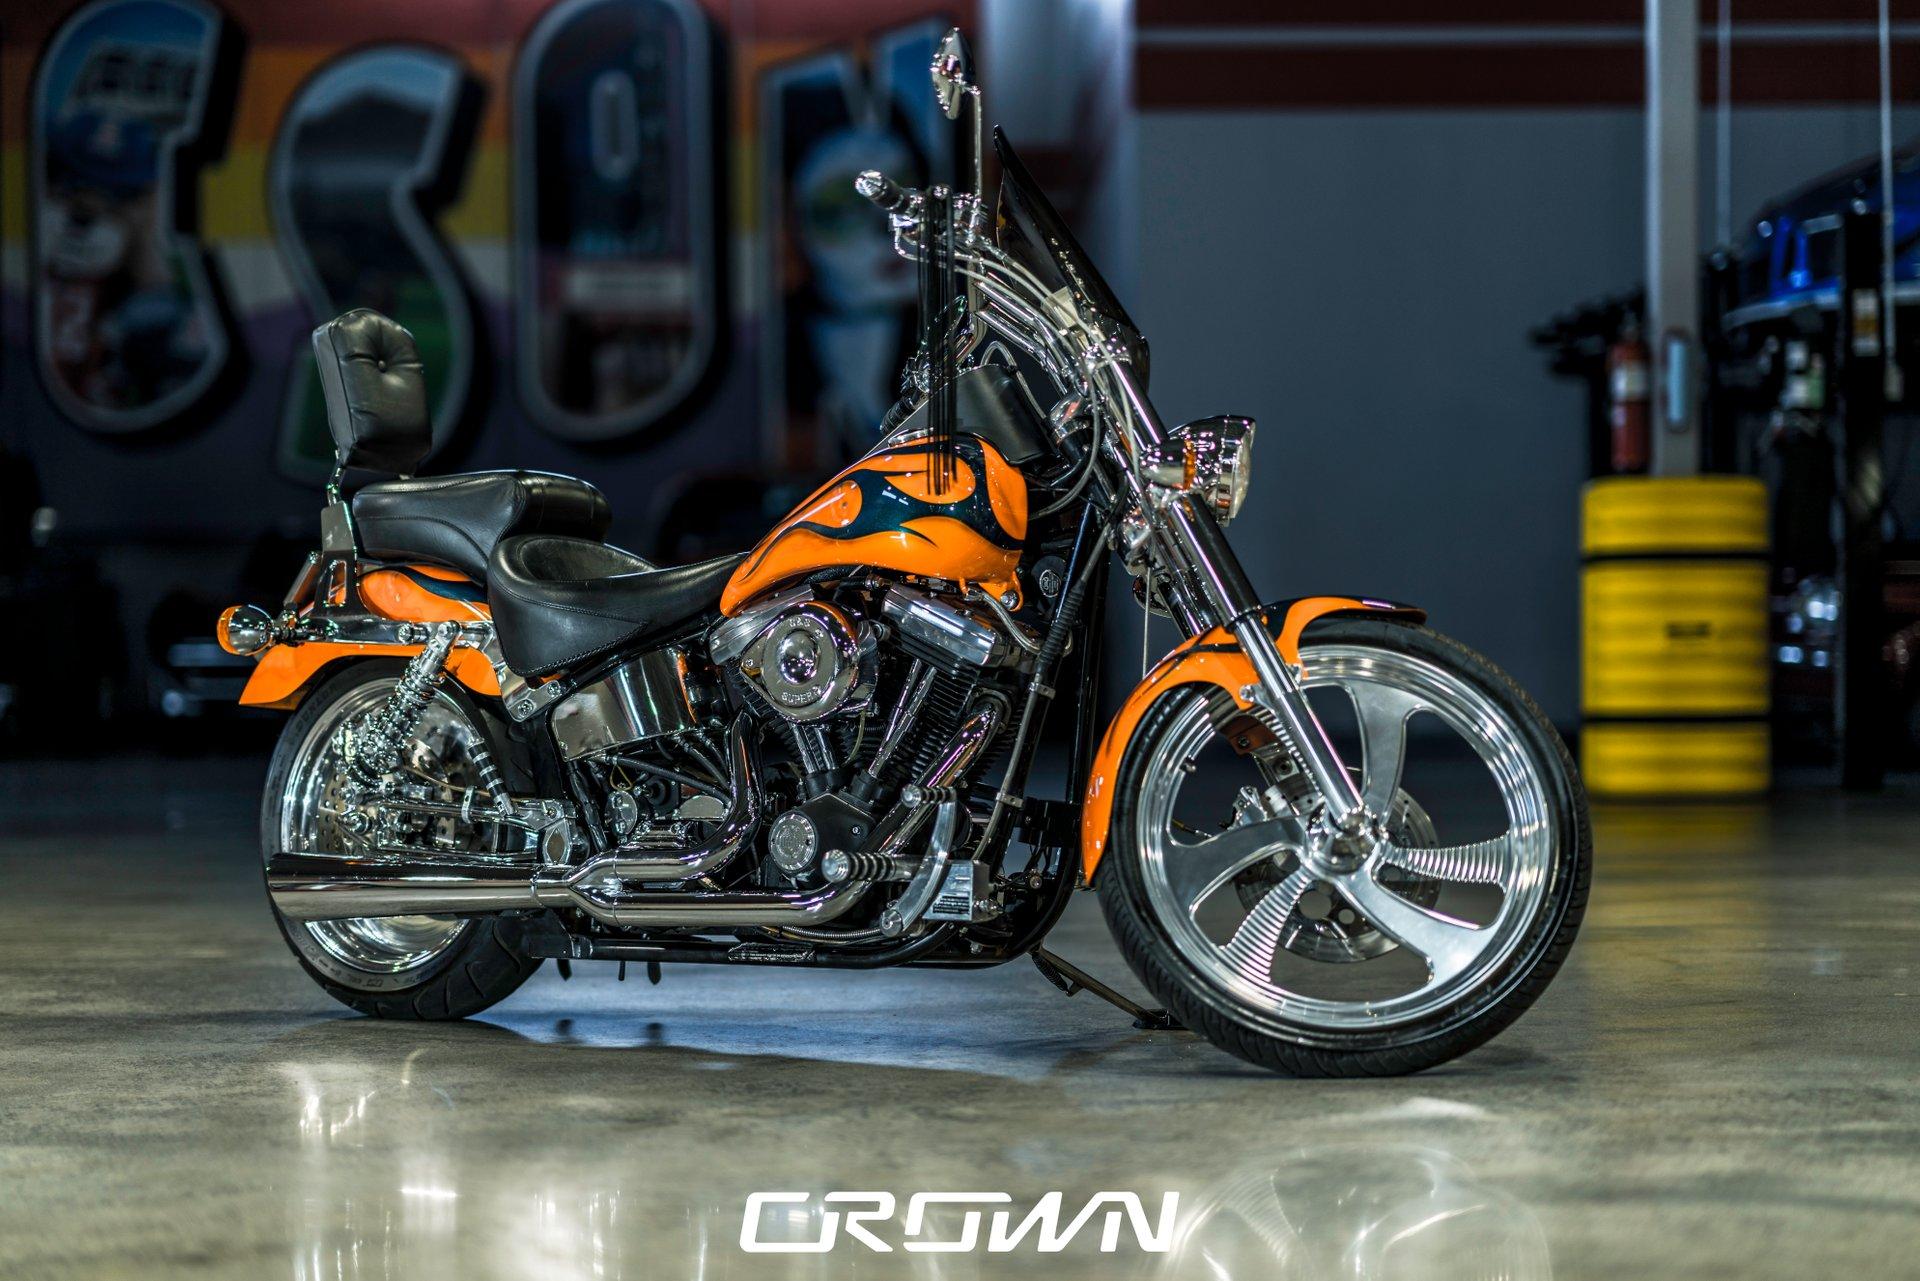 2001 harley davidson dyna ultra motorcycle company